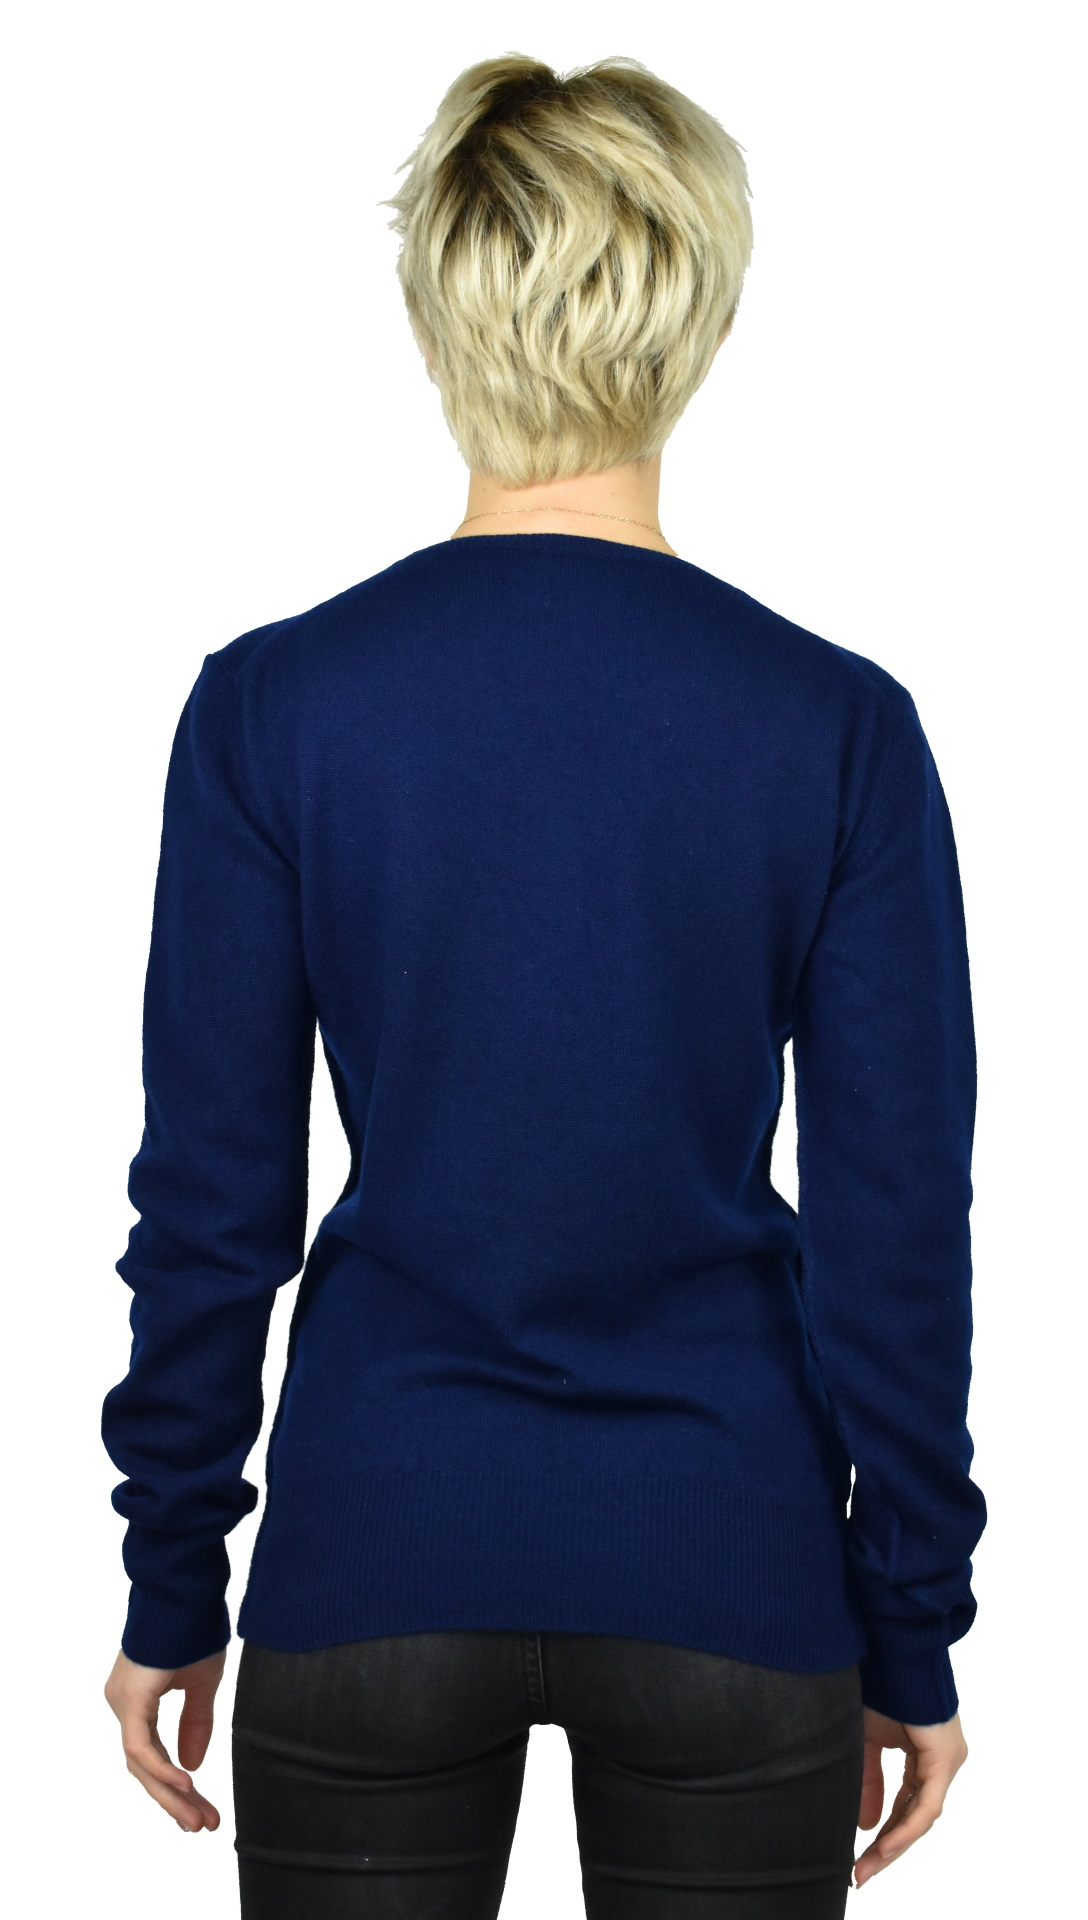 MAVISMBA NAVY MAGLIA DONNA GIROCOLLO 100 CASHMERE MANICA LUNGA 1 1stAmerican maglia girocollo 100% puro cashmere Made in Italy da donna con lavorazione traforata - finezza 12